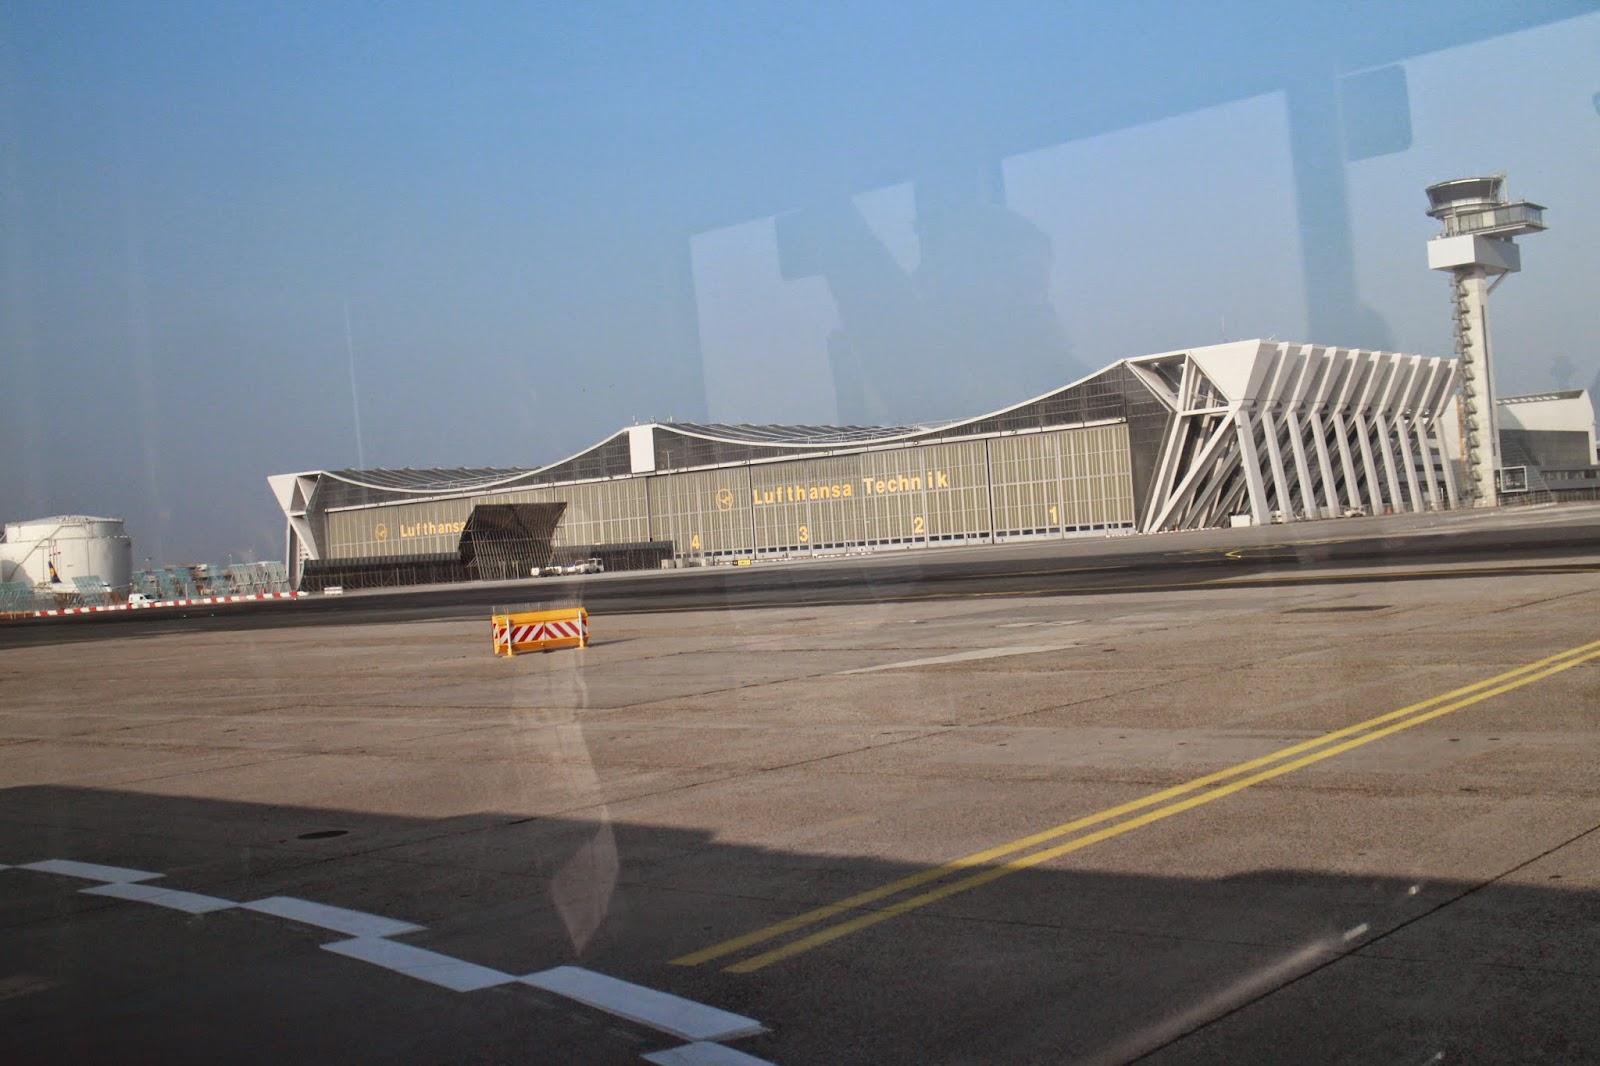 ファーストクラスに搭乗できたらブログやめるんだ: ビルバオ空港〜モユア広場へ - Aeropuerto de Bilbao(BIO) 〜 Moyúa